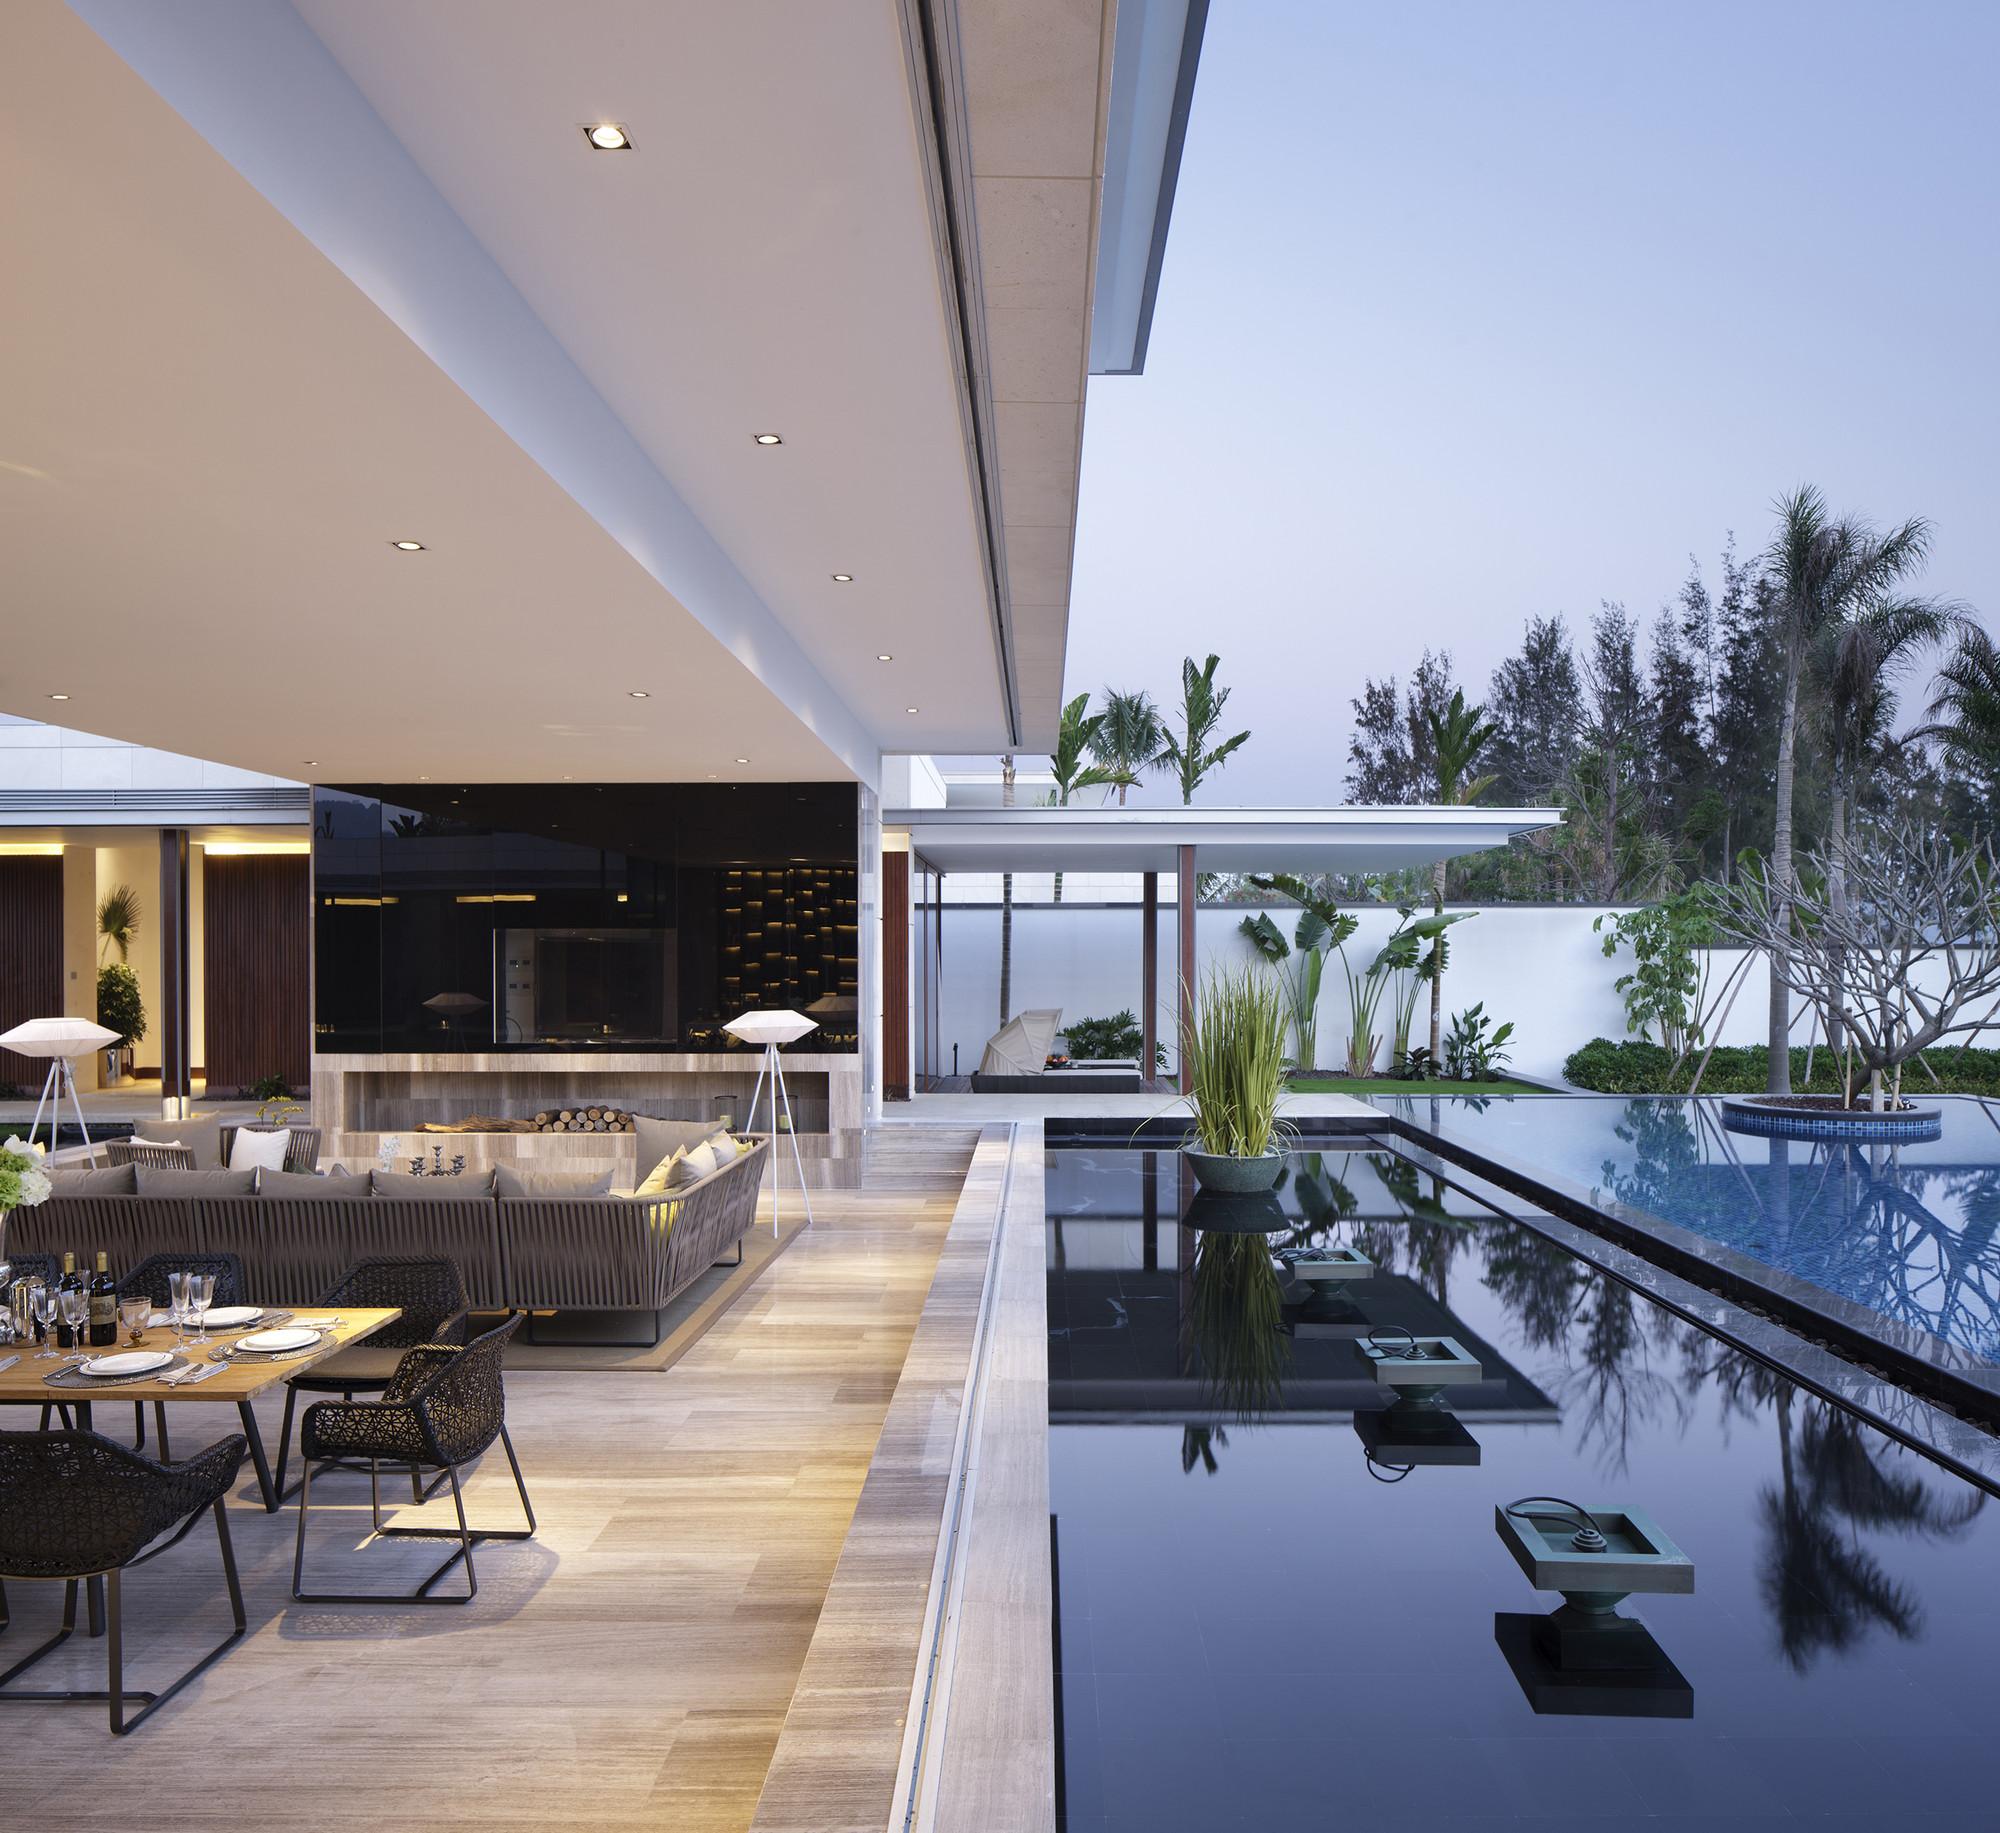 Luxury Home Interior Design Ideas Contemporary In China: The Chenglu Villa By GAD Architecture In China